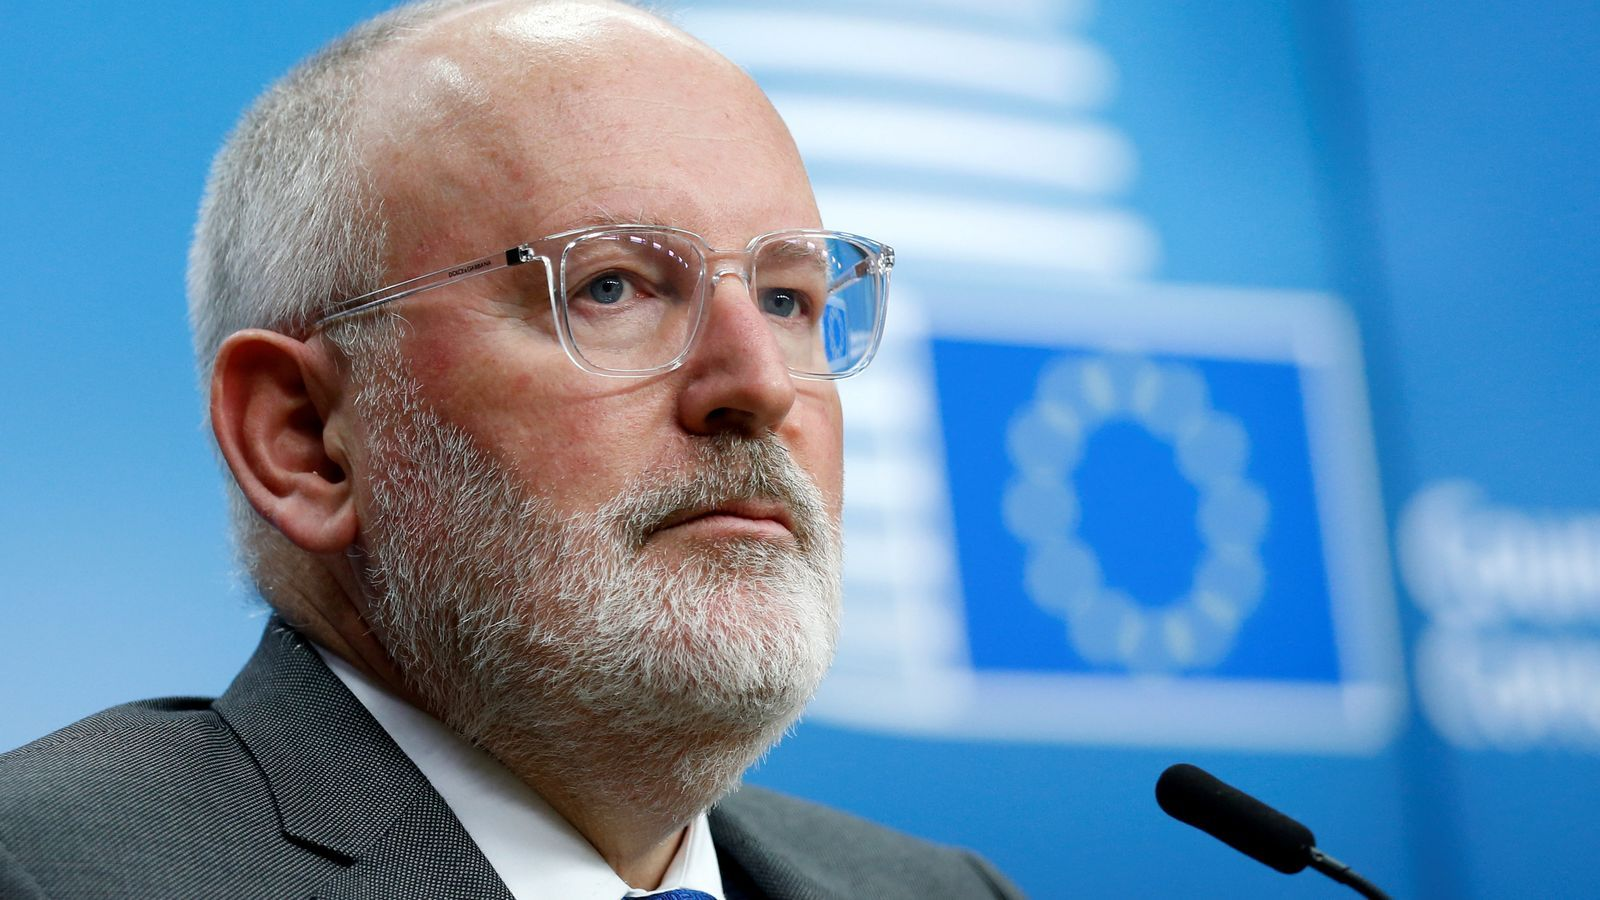 El vicepresident de la Comissió Europea, Frans Timmermans.